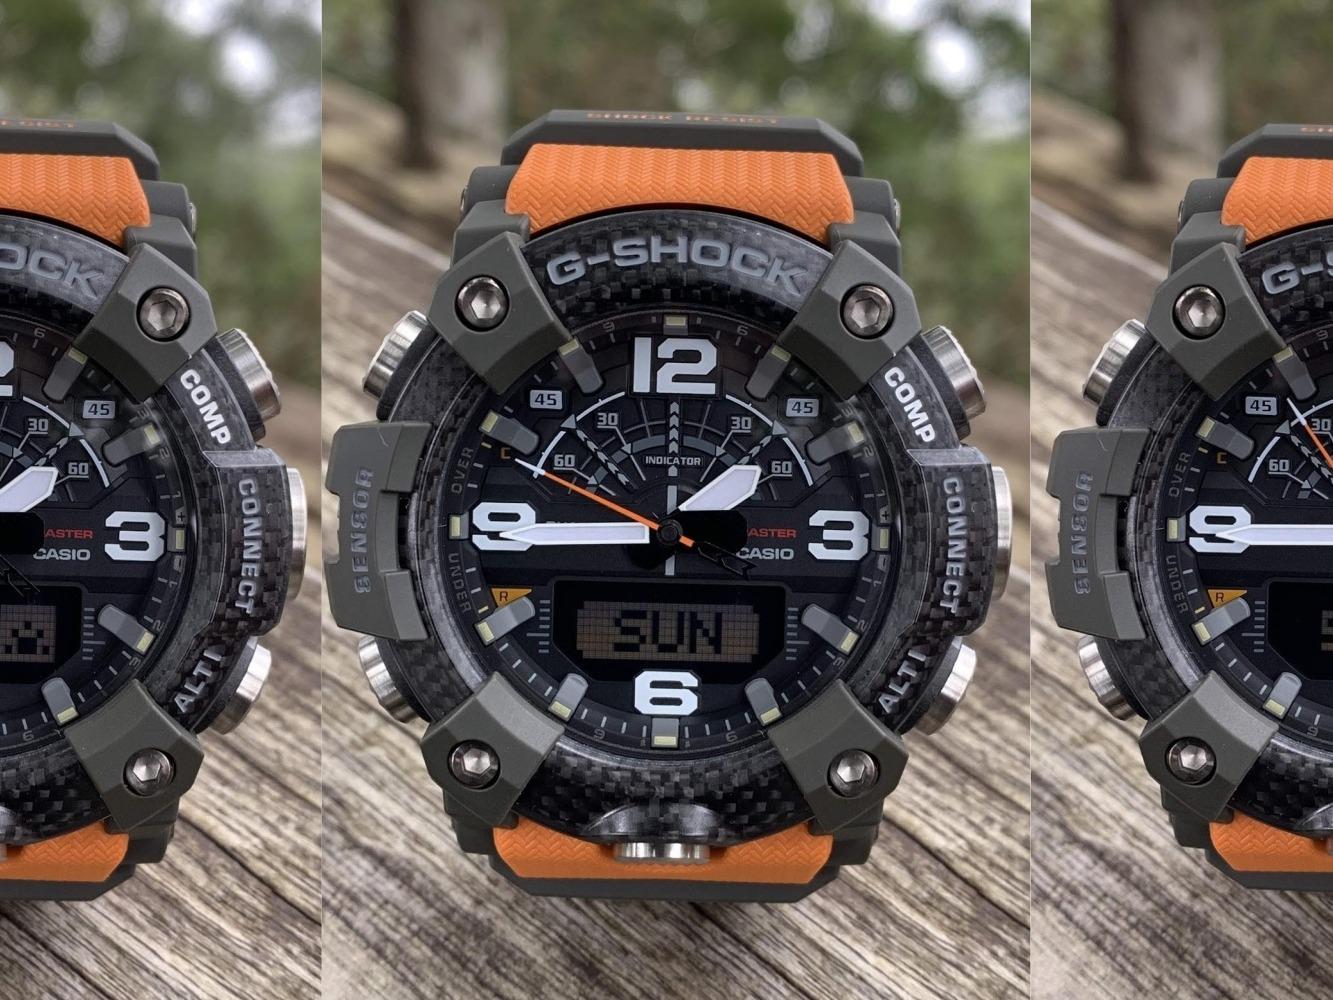 【G-SHOCK 手錶推薦】卡西歐新款,多功能運動藍芽手錶介紹評比!